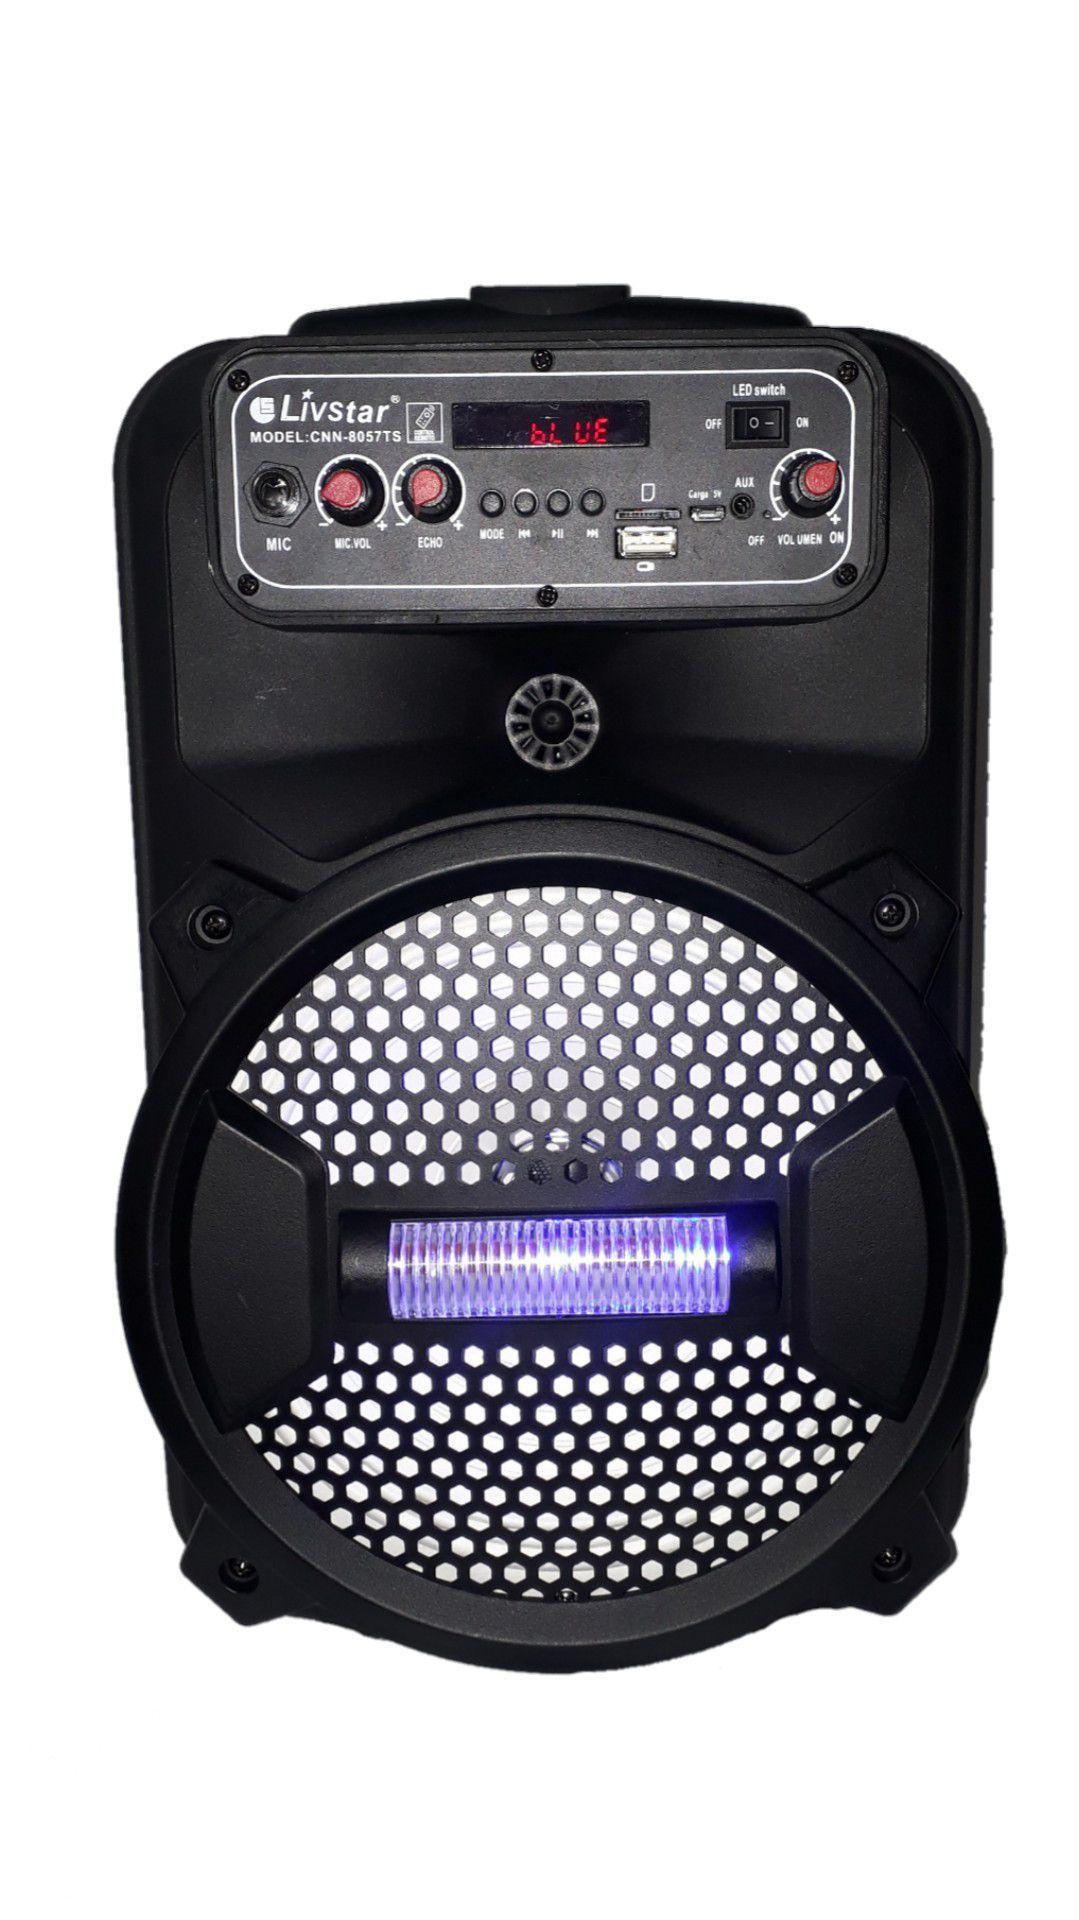 Caixa Amplificada Livstar Cnn8012ts Blue.usb/sd/fm/mic